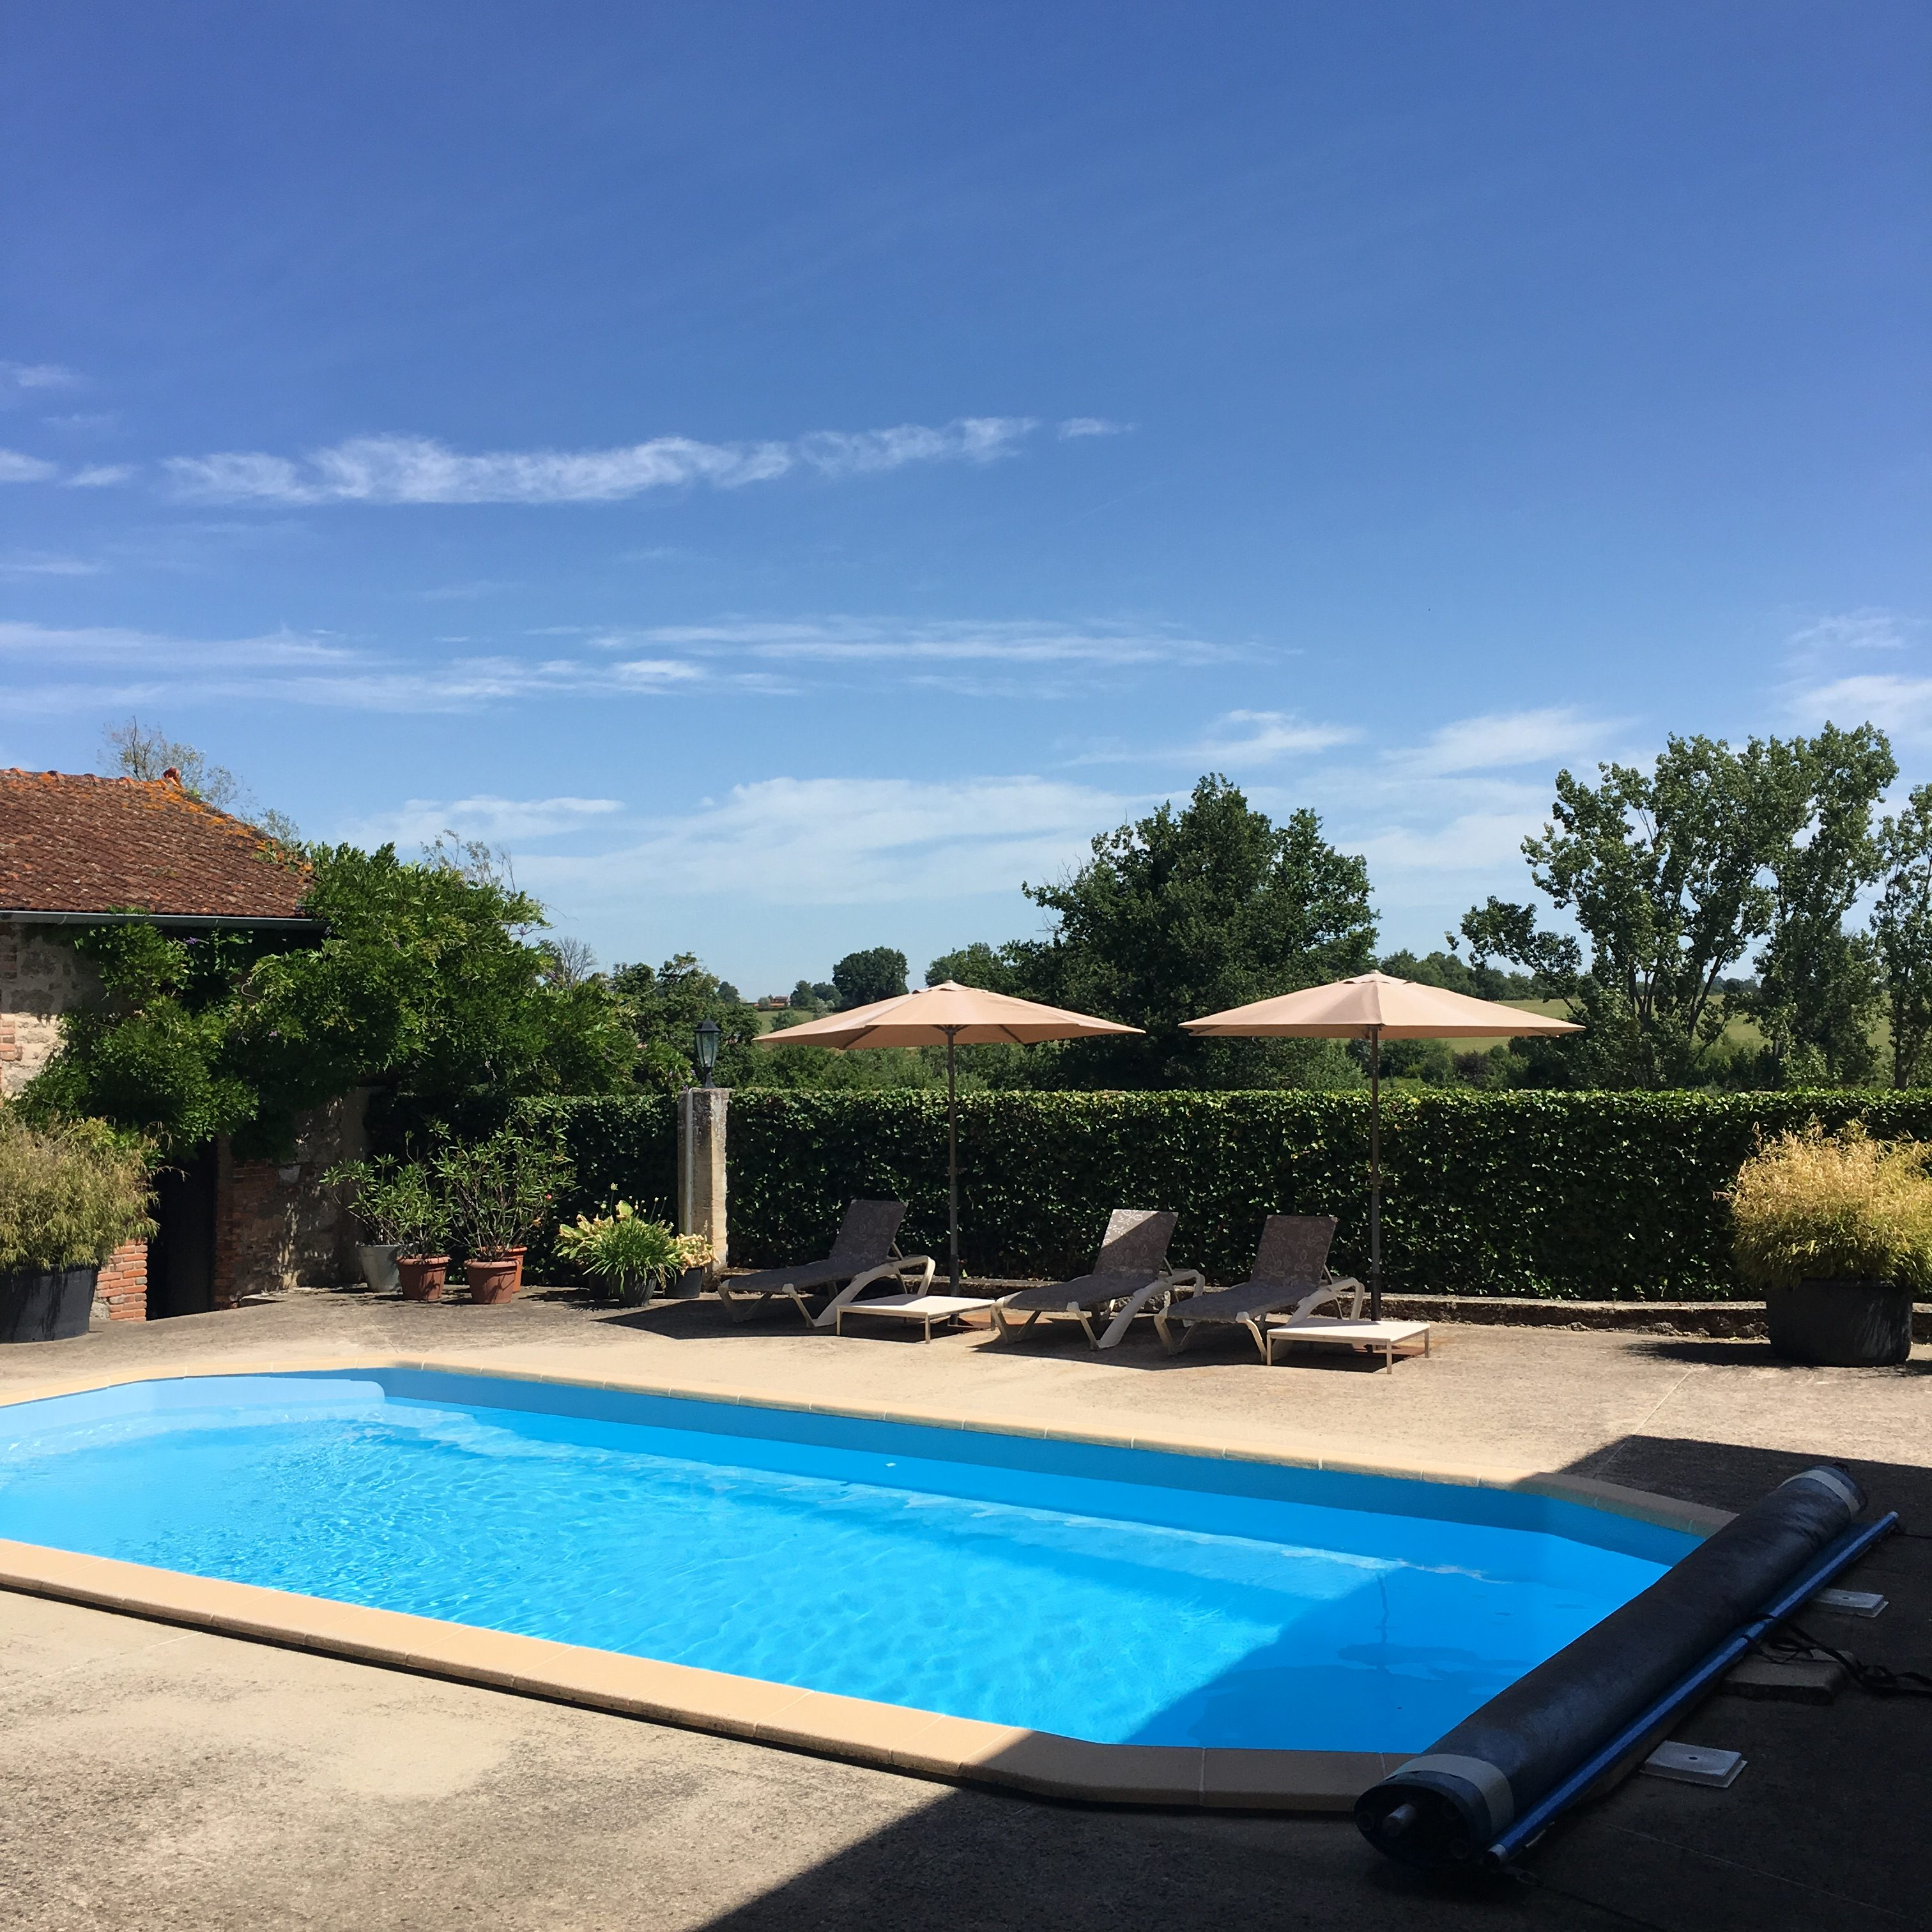 Pool Chateau Les Bardons